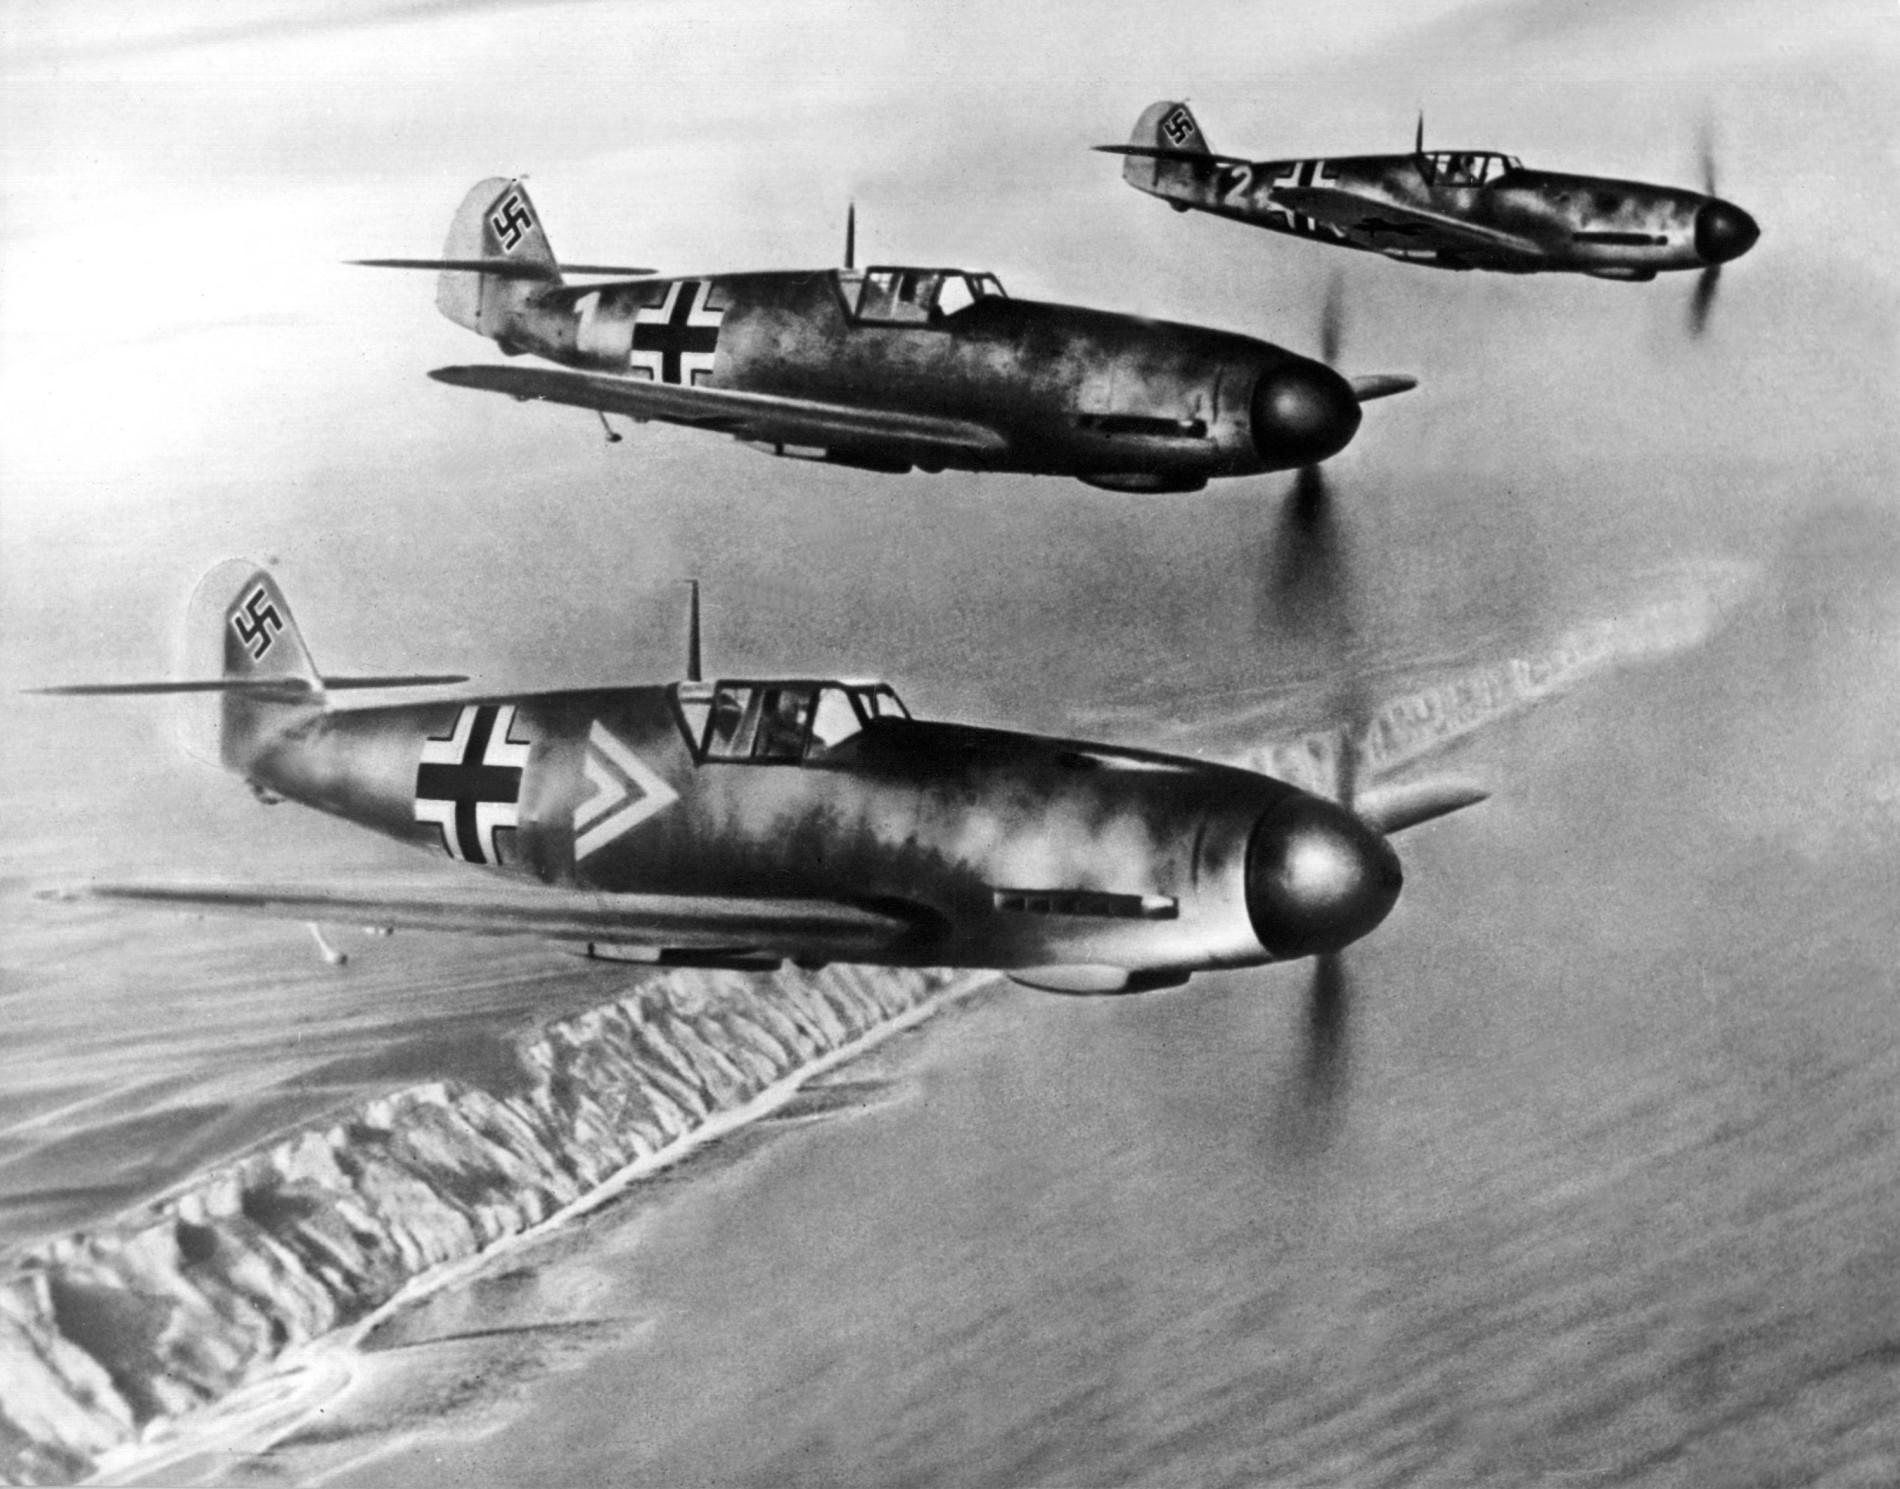 jagdflugzeug einfach zeichnen, das brüllen des luftkriegs kehrt zurück, Design ideen